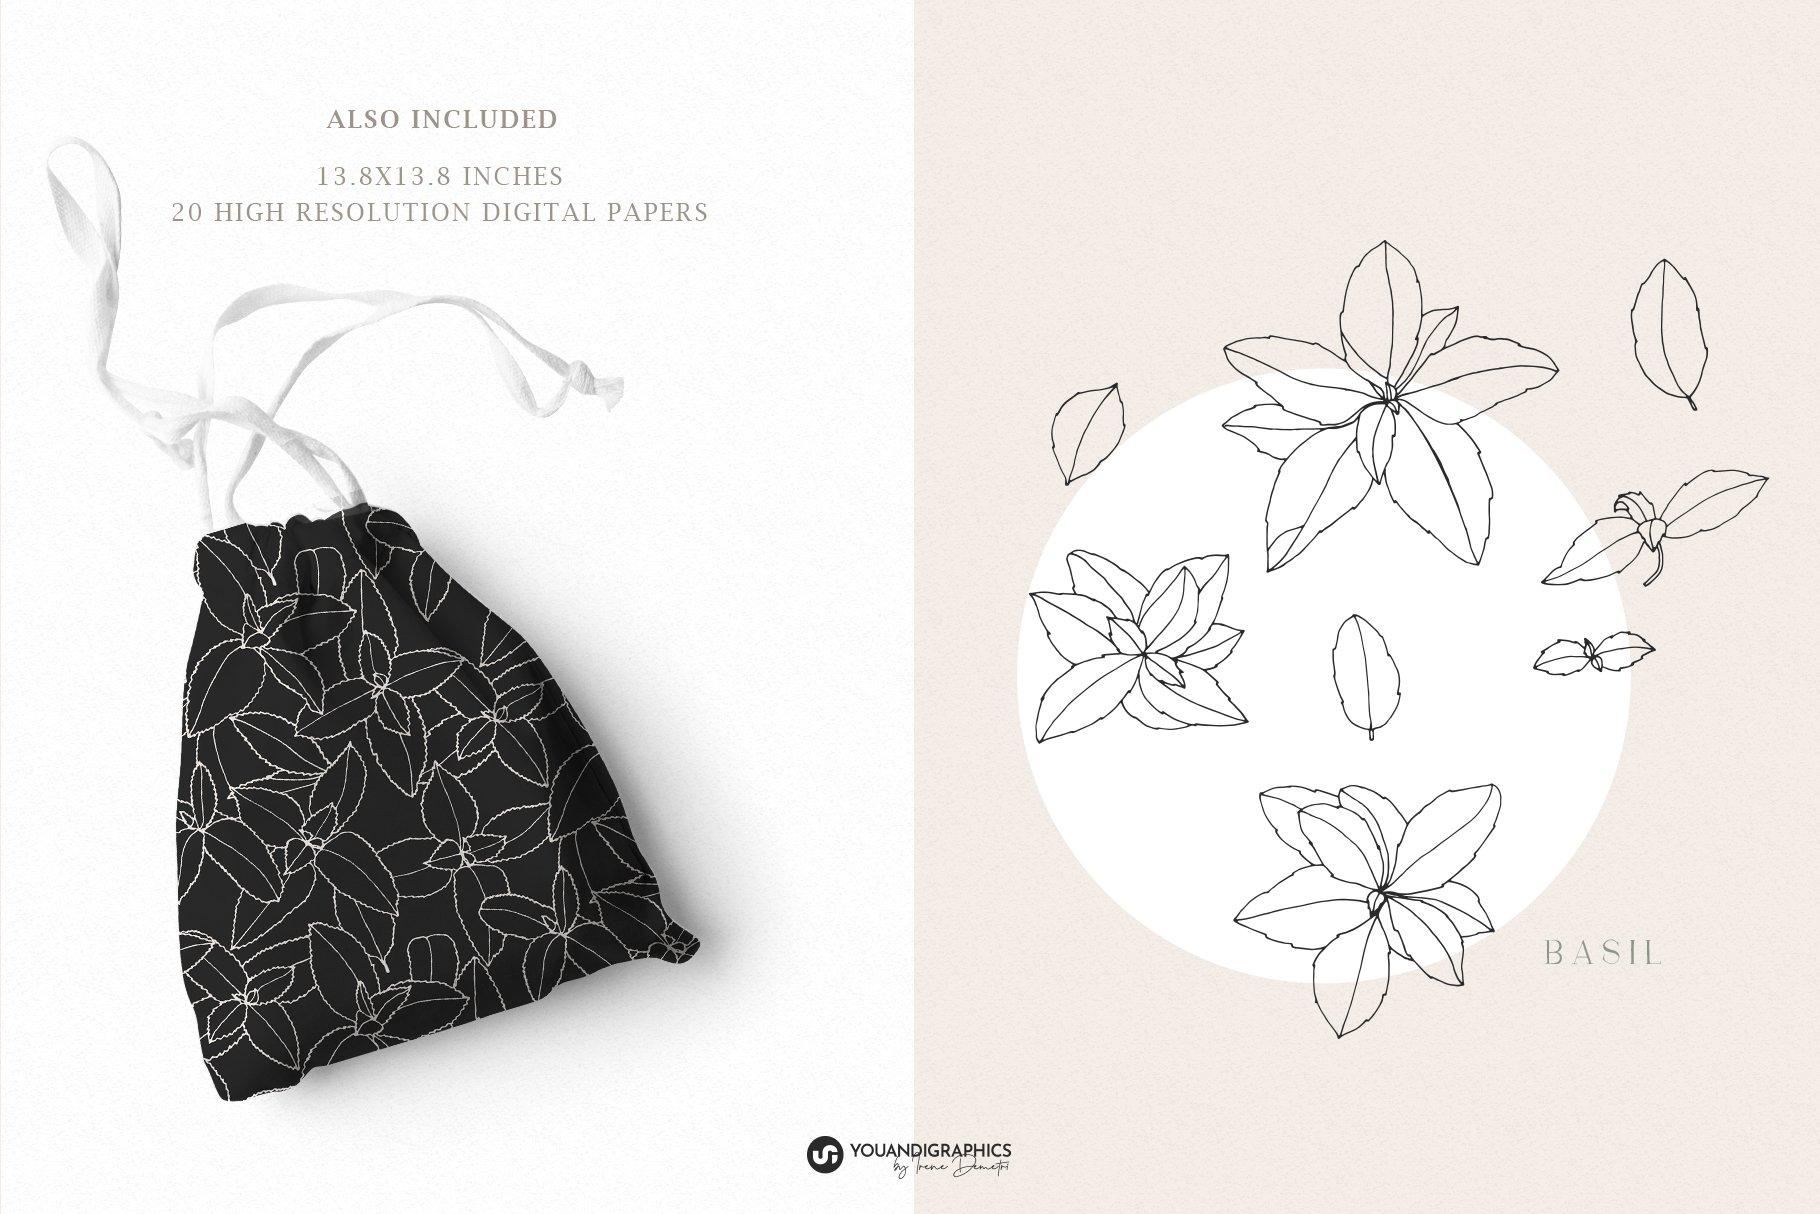 优雅中药草药花草手绘无缝隙矢量图案设计素材 Herbs Patterns & Illustrations插图4